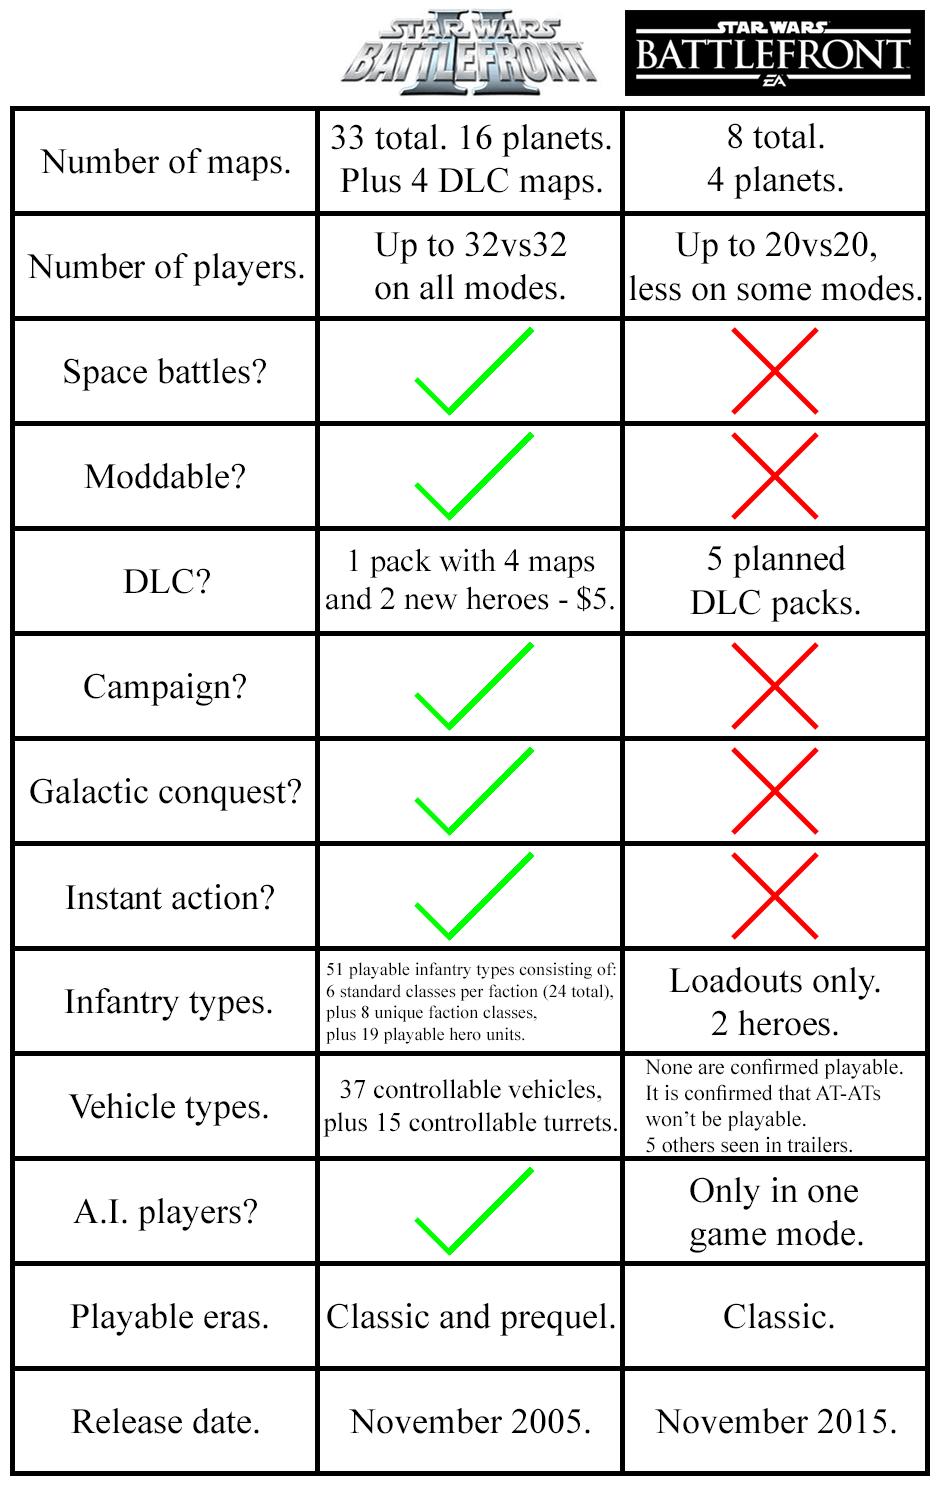 Star-Wars-Batttlefront-Vergleich